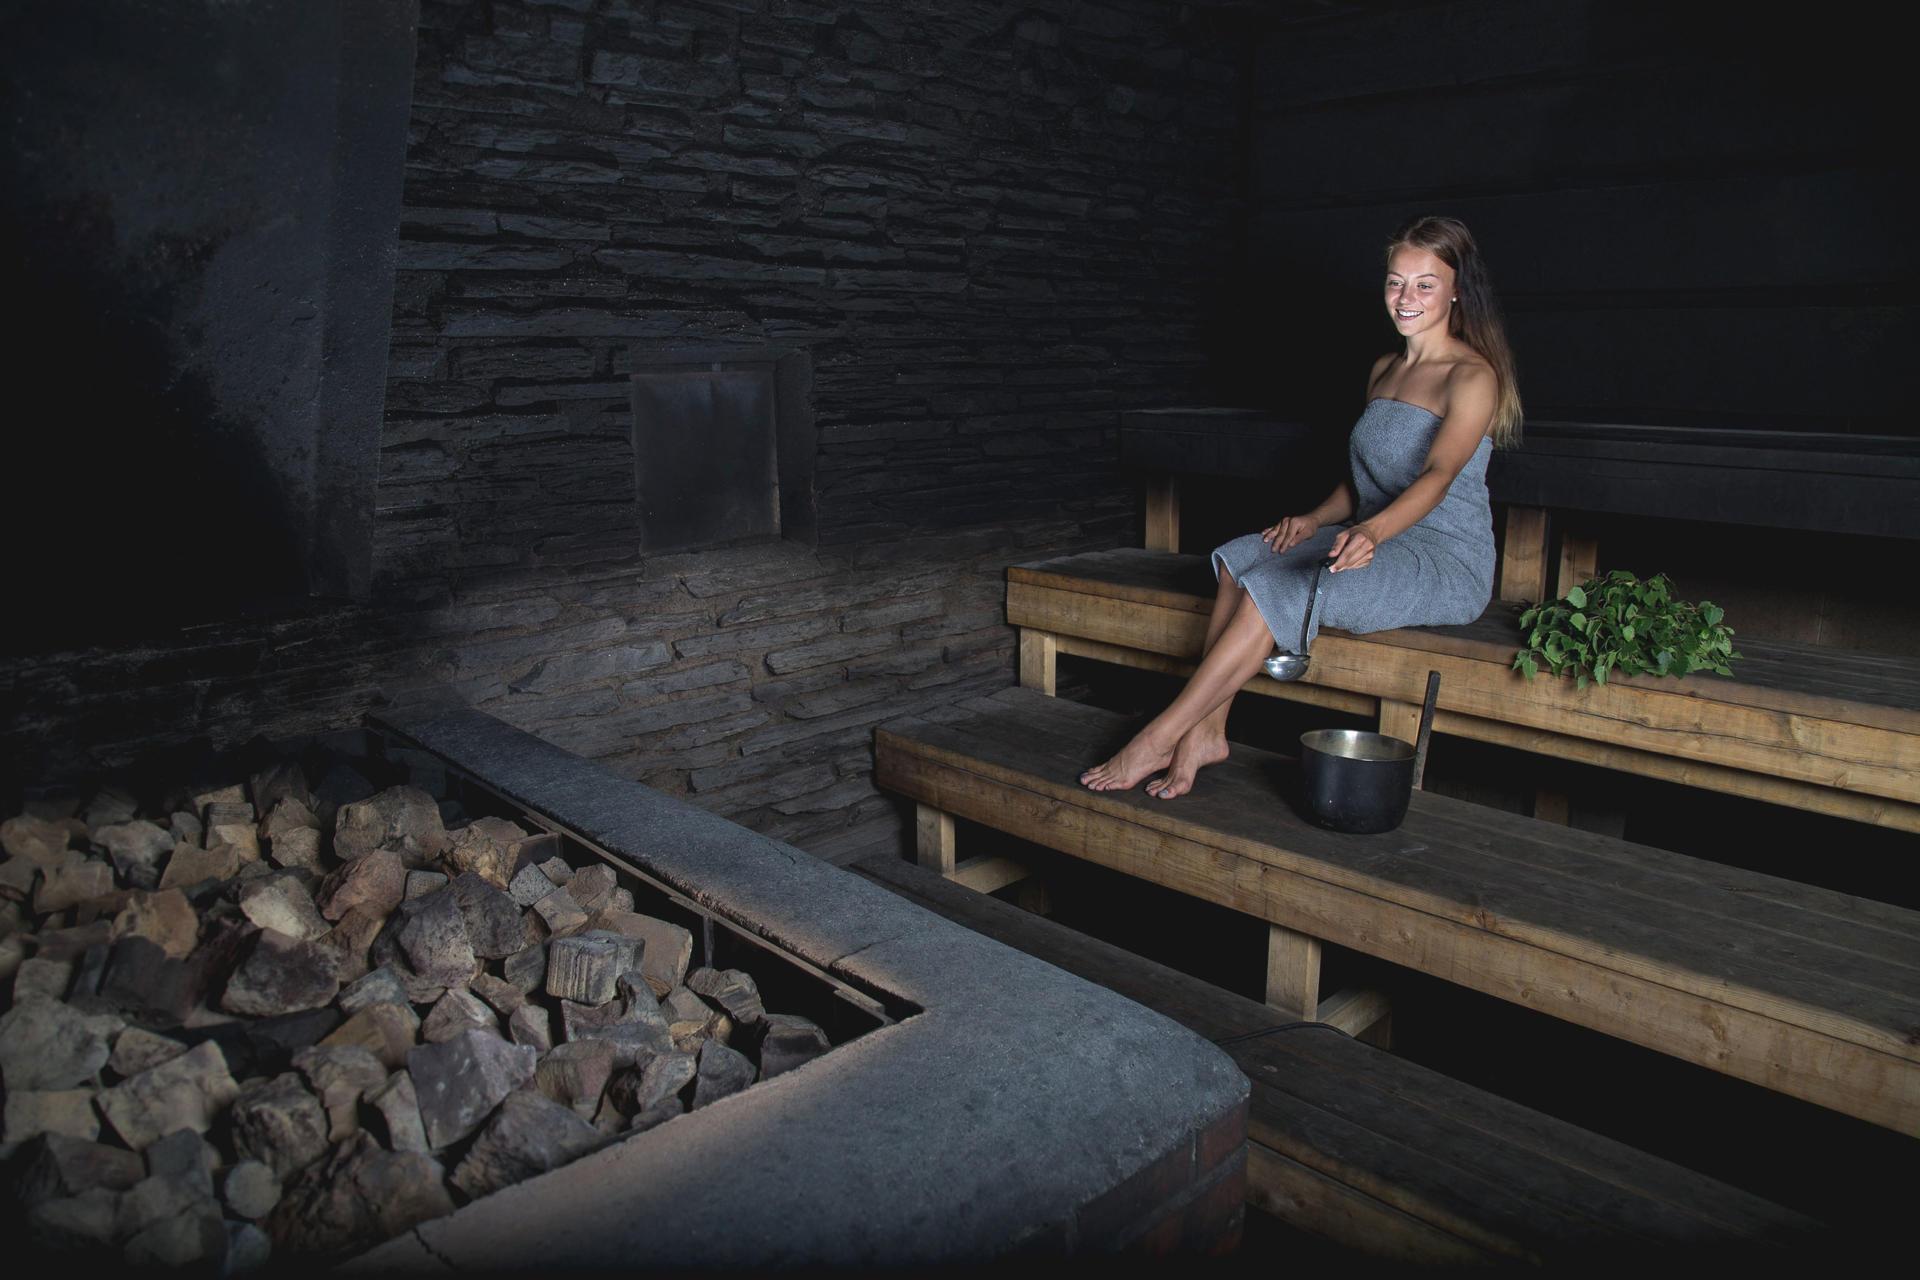 Mitä sauna meille merkitsee?